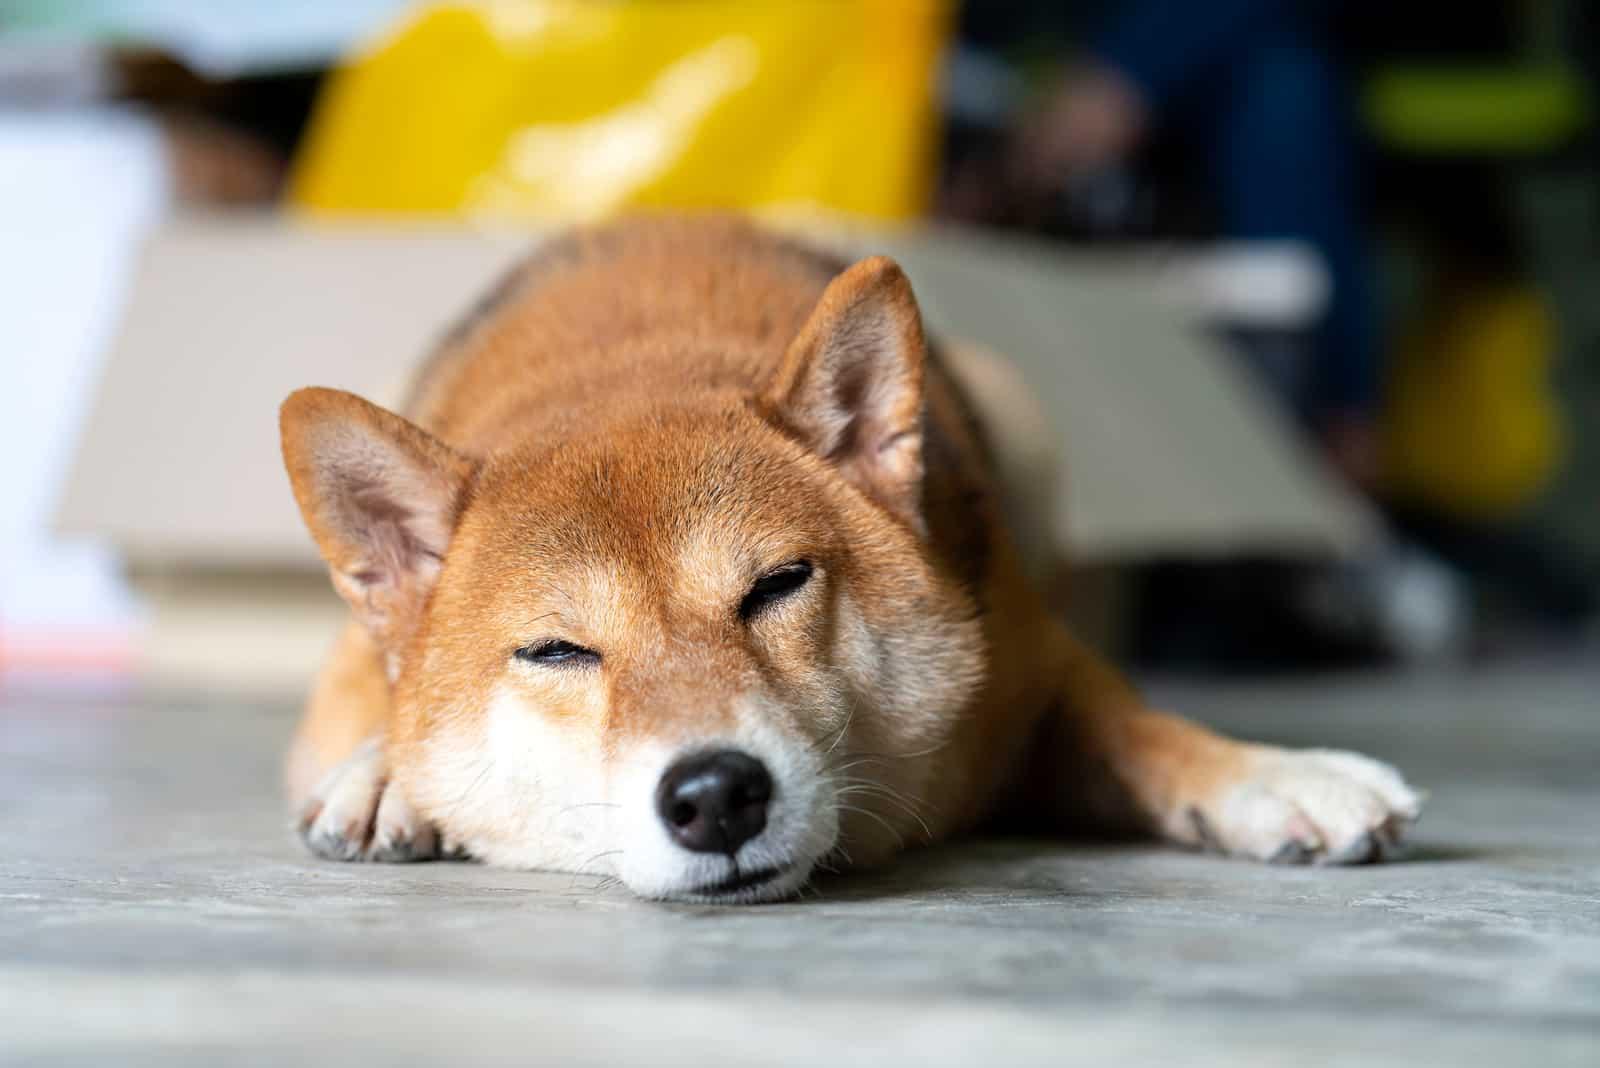 Shiba Inu dog sleeping in room